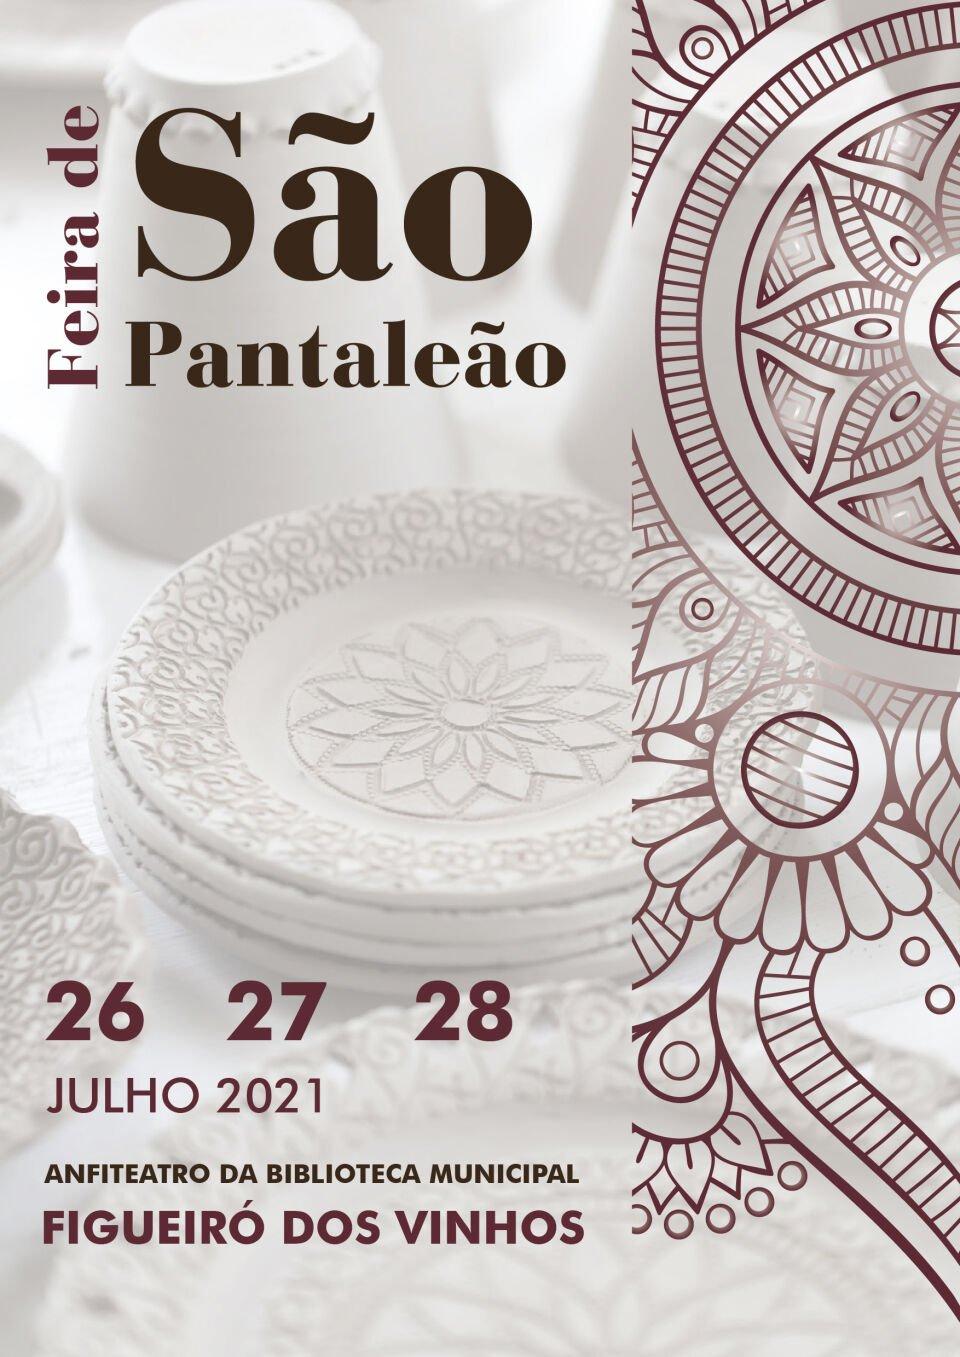 Festas da Feira de São Pantaleão